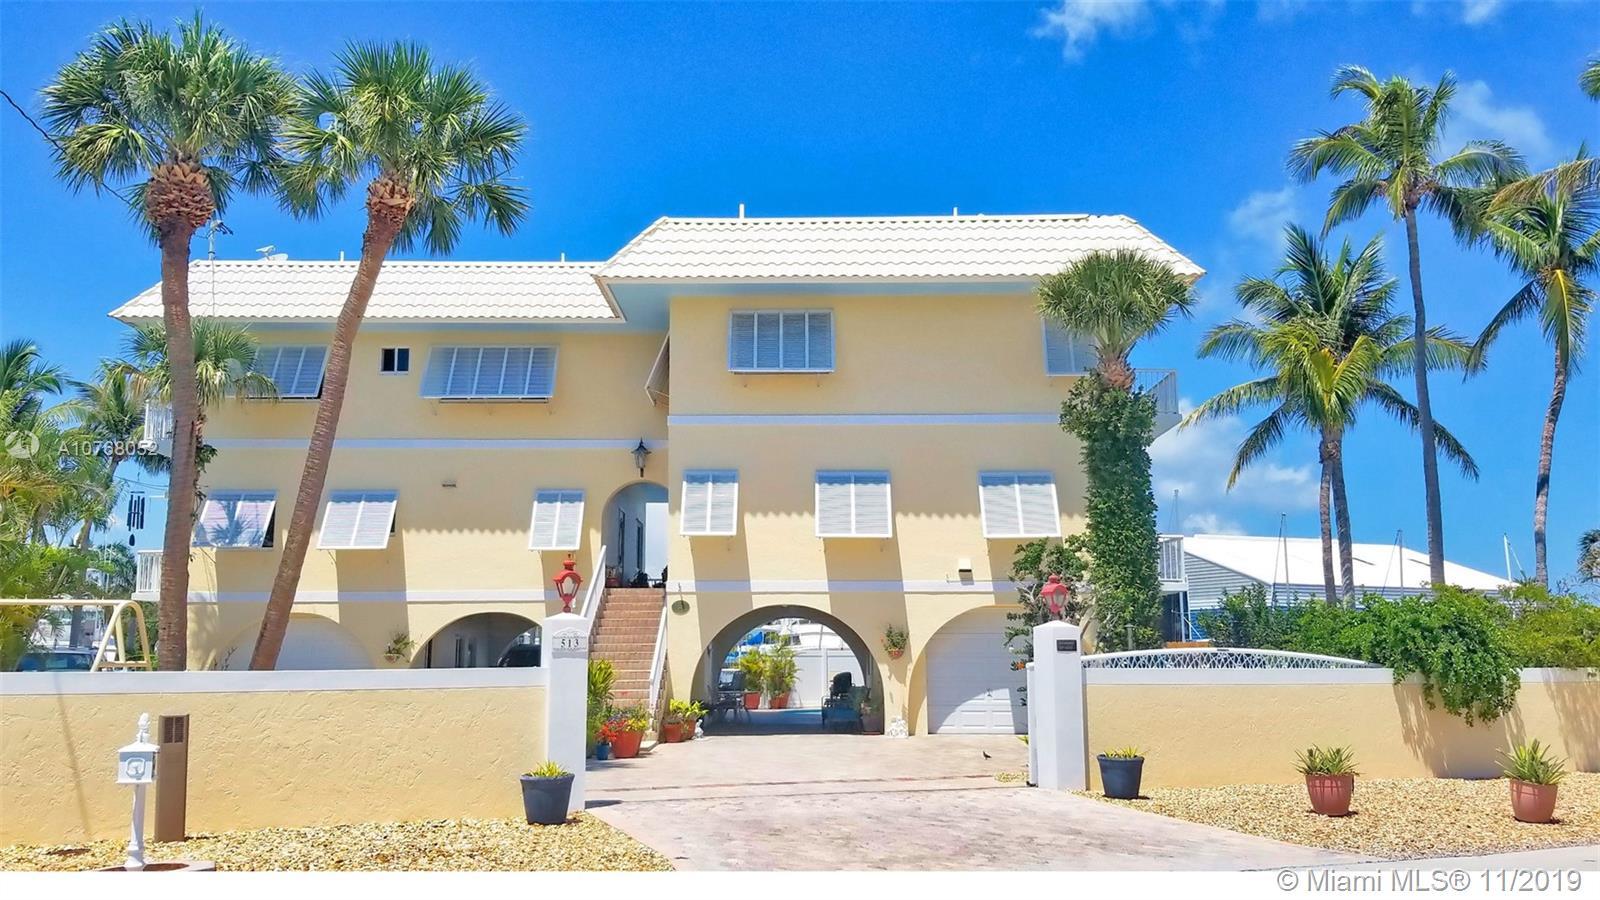 513 Caribbean, Other City - Keys/Islands/Caribb, FL 33037 - Other City - Keys/Islands/Caribb, FL real estate listing